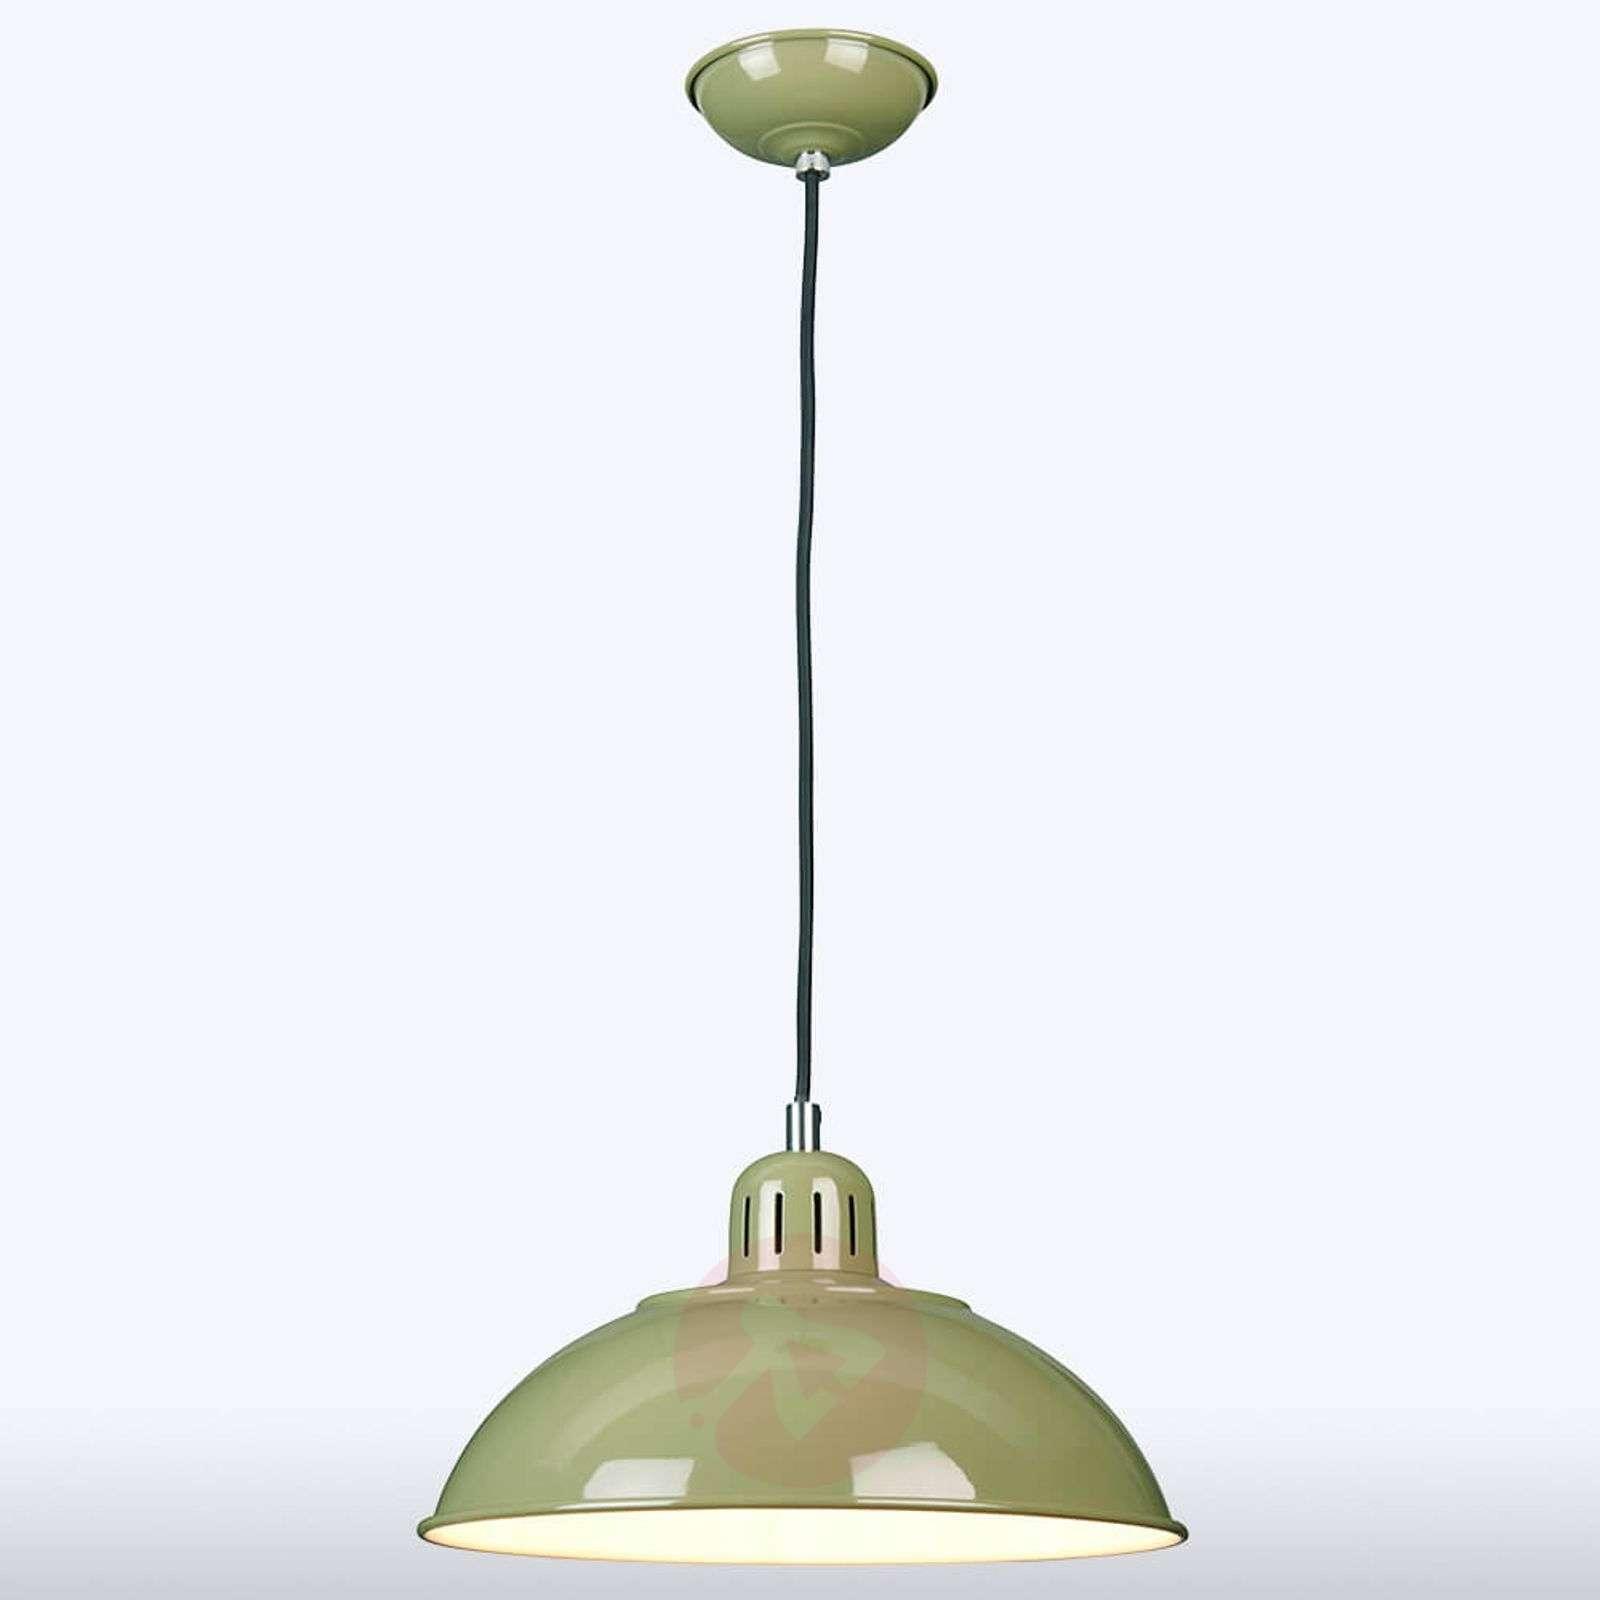 Green pendant light Franklin in a retro style-3048777-01